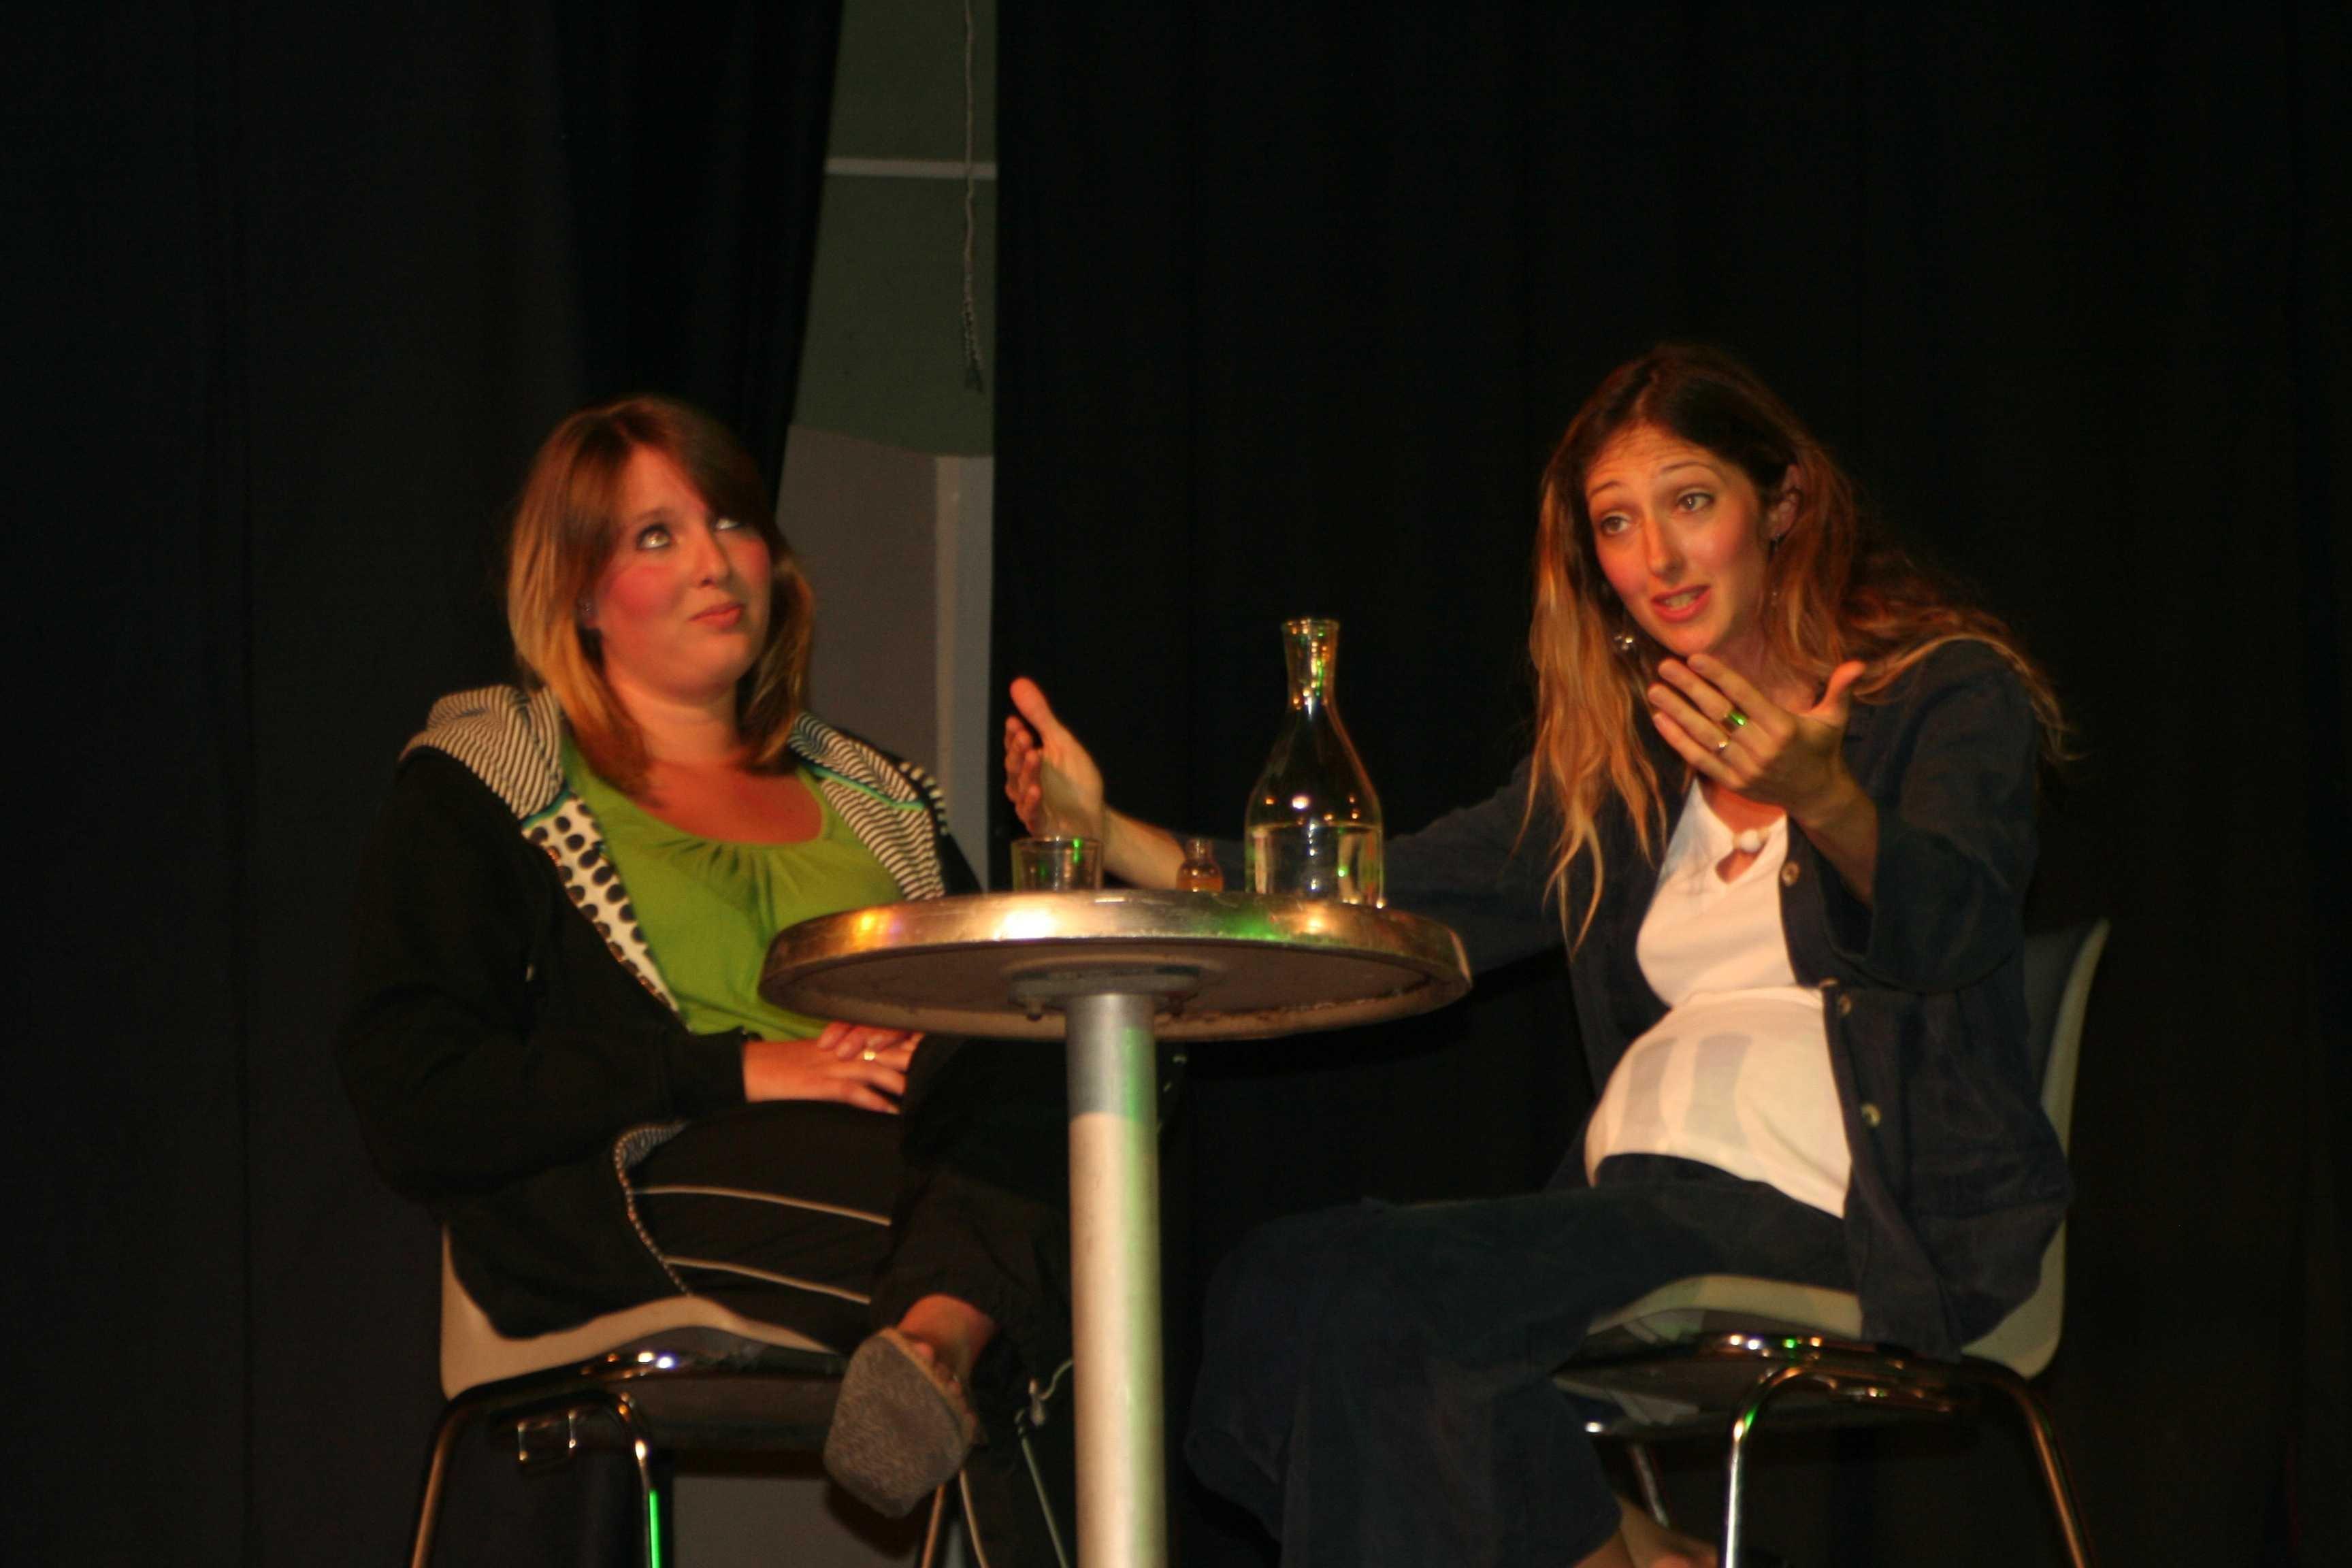 """""""Mardi, c'est théâtre"""" dans """"Diablogues"""" (Juin 2010) 25"""